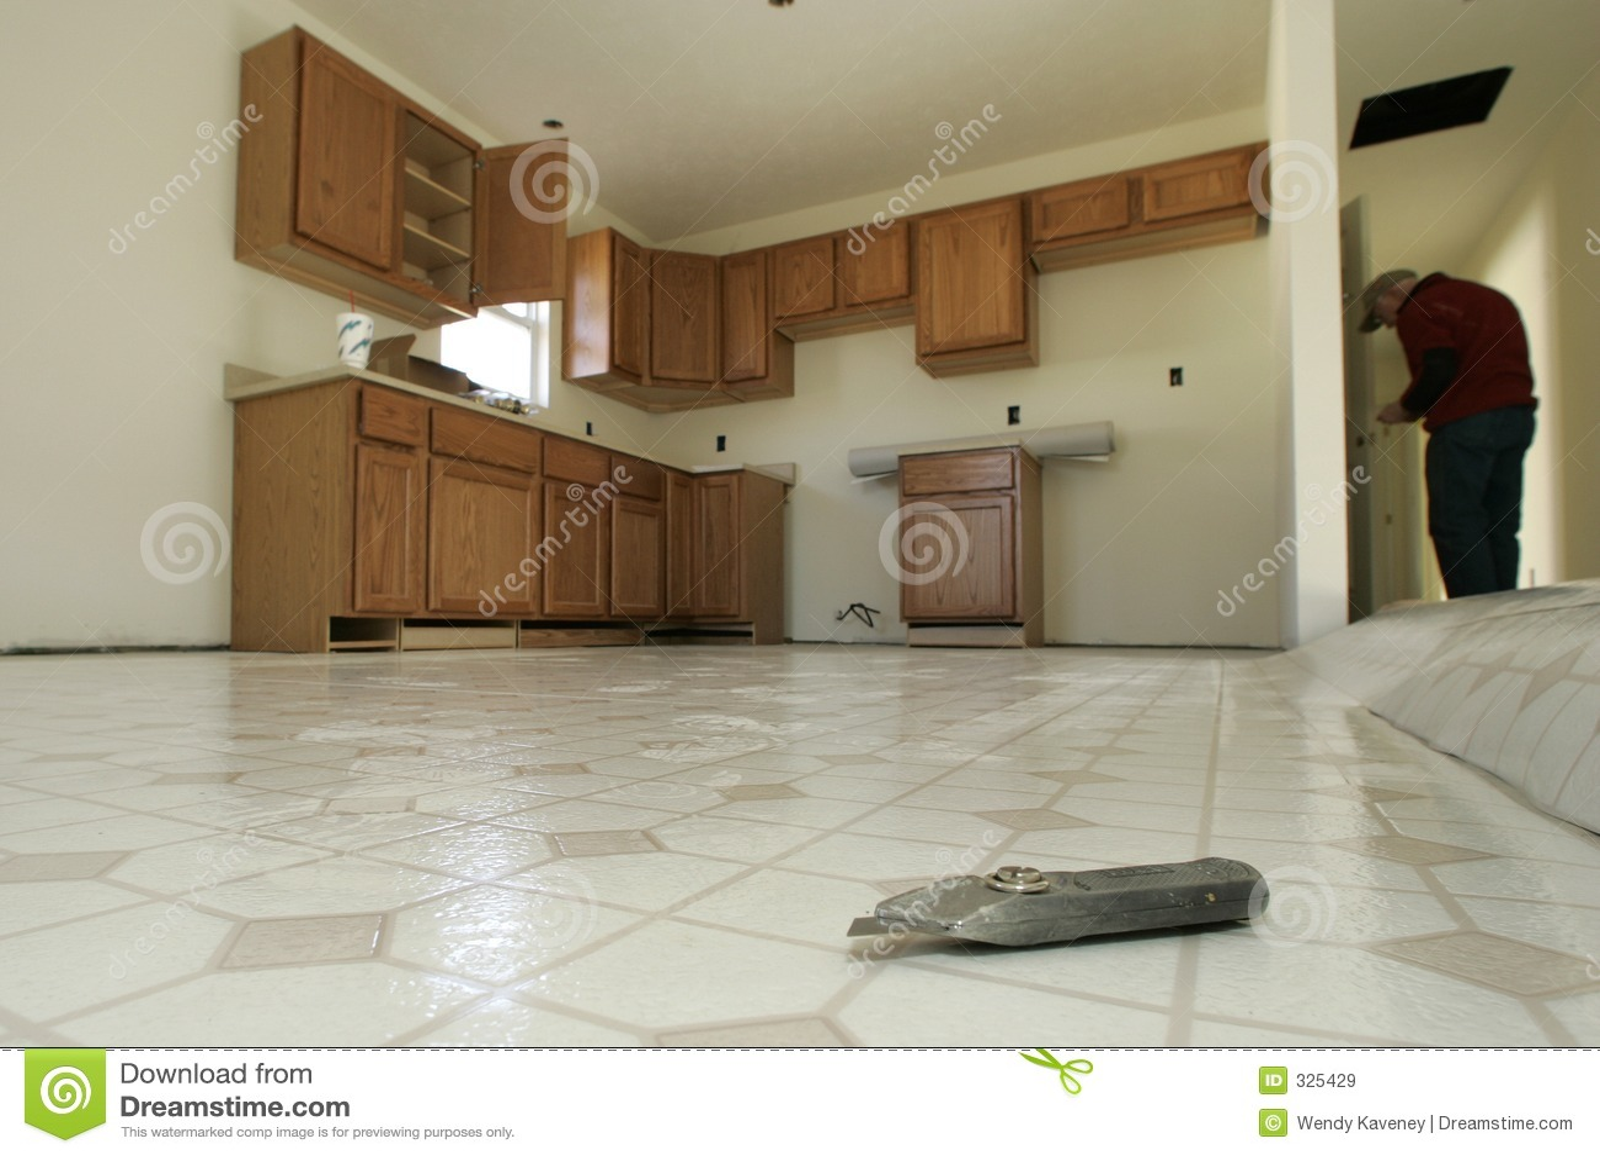 Fußboden Küche ~ Küche fußboden einbau stockbild bild von zubehör arbeiter